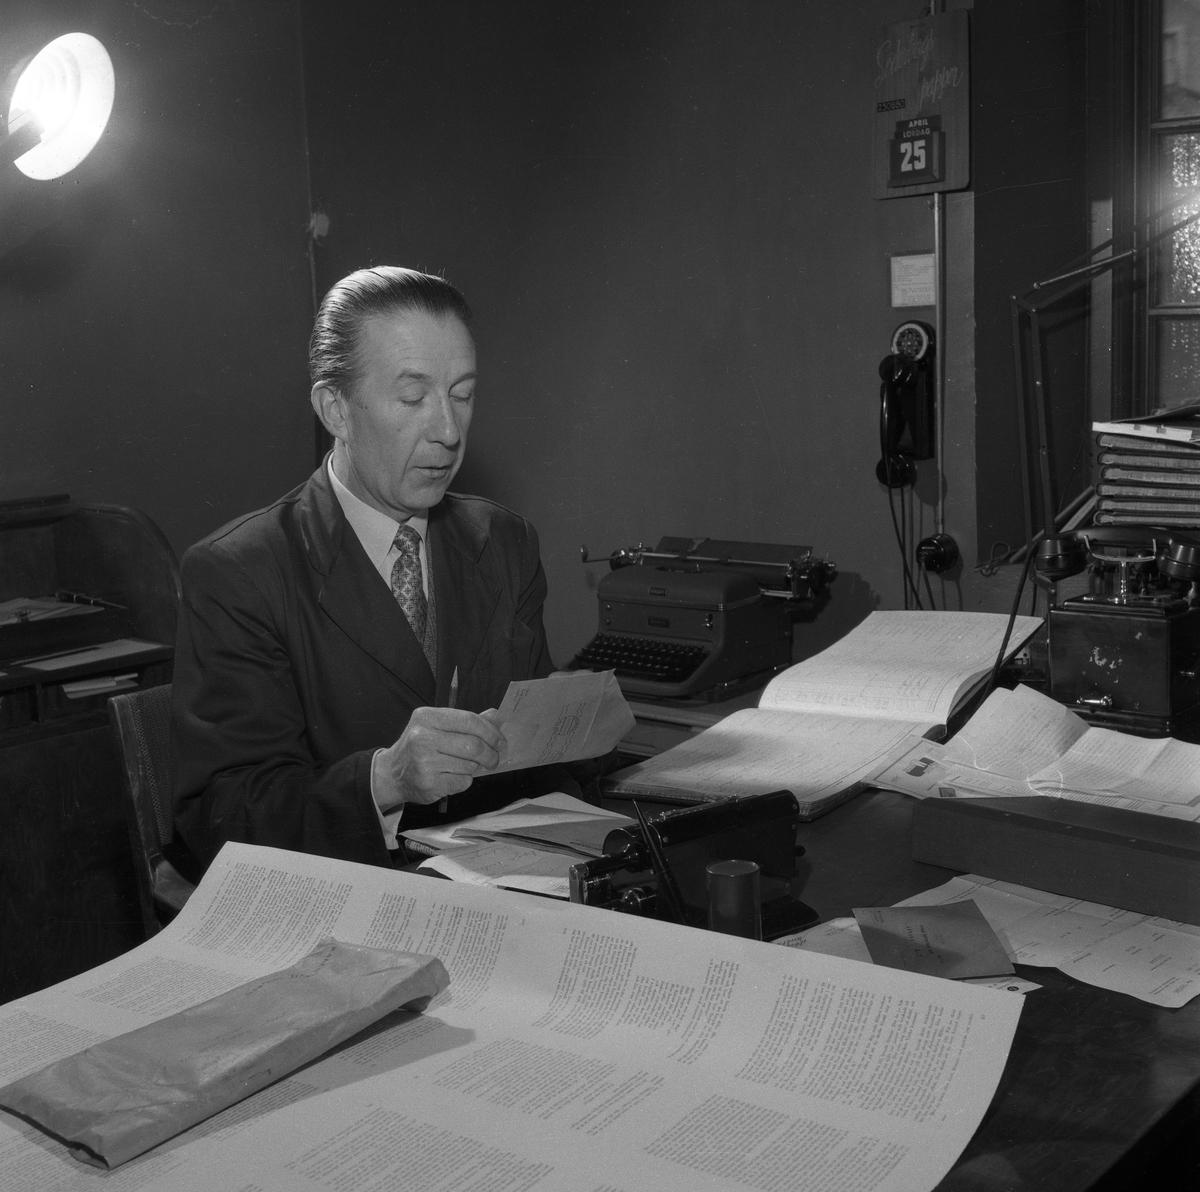 Arboga Tidning, interiör. En man, iklädd kavaj och slips, sitter vid ett skrivbord. Han har mycket papper omkring sig. Nu öppnar han ett kuvert. På bordet står en telefon. En annan telefon (möjligen en interntelefon) hänger på väggen.